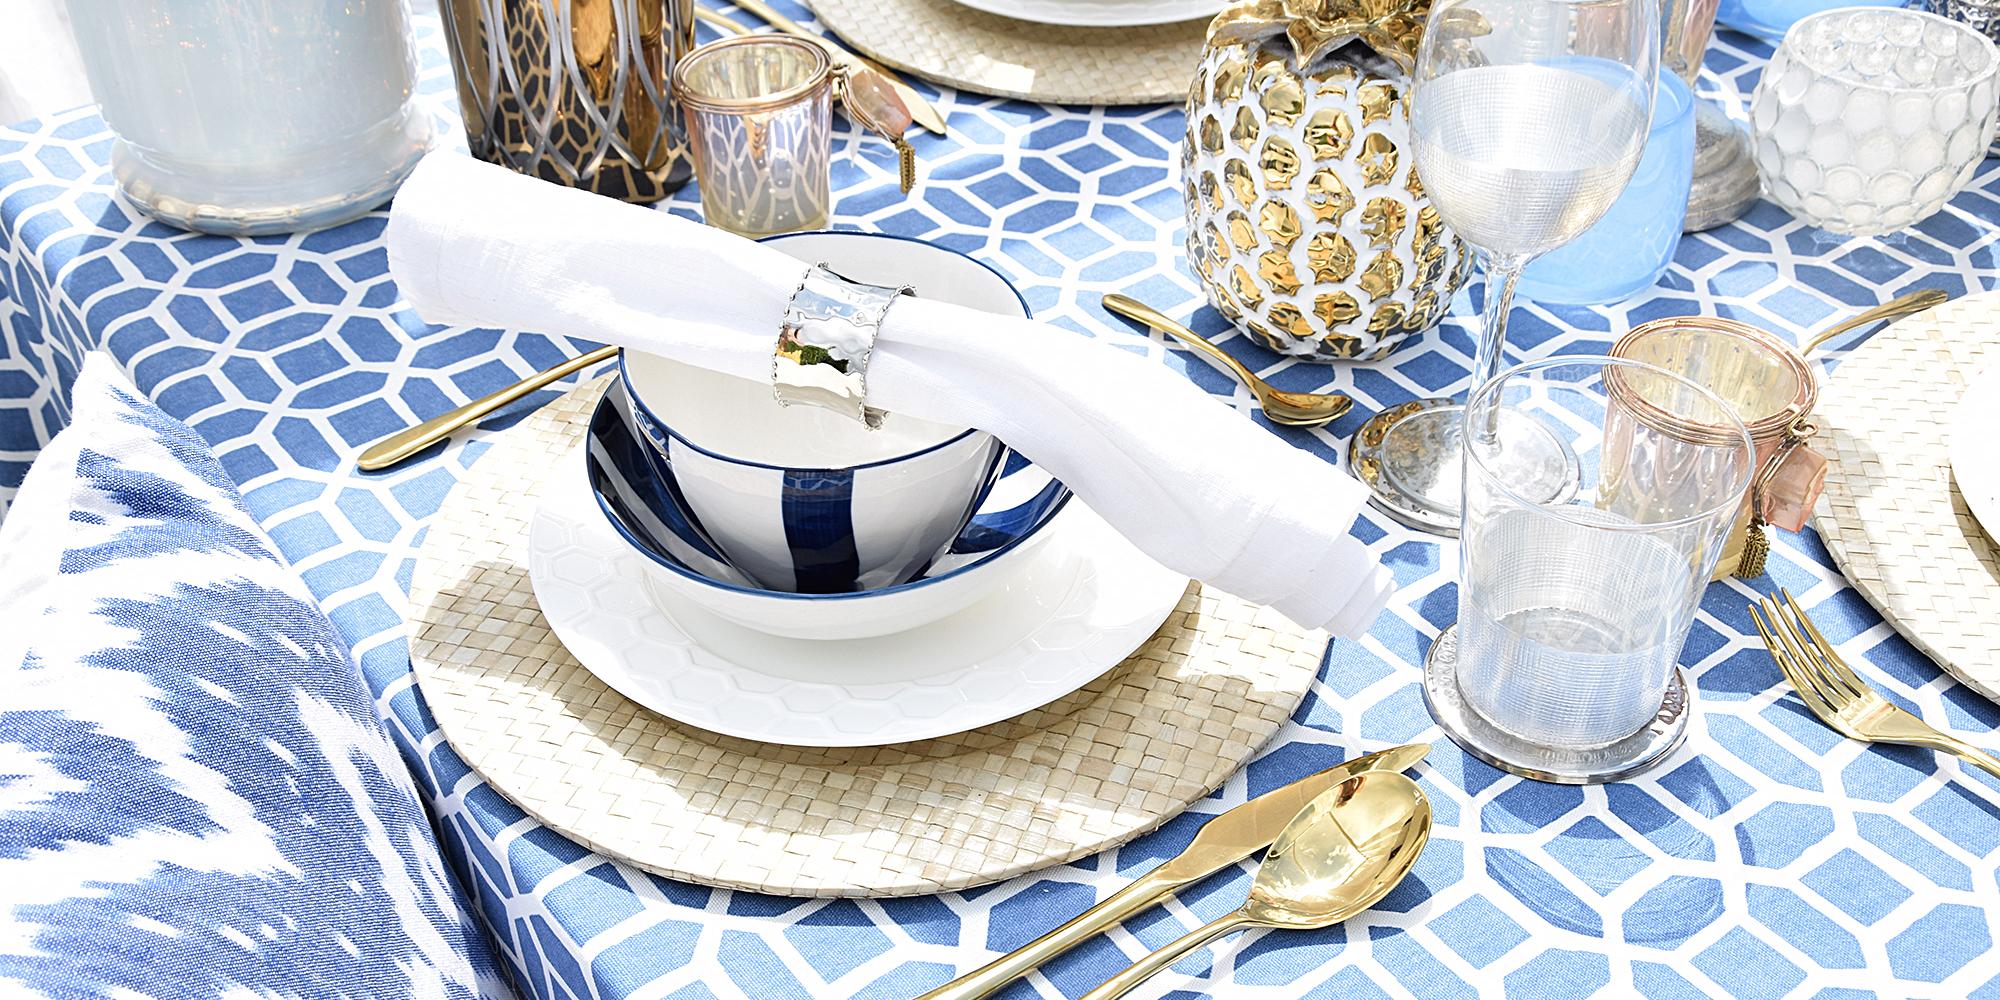 Tischdeko im Mykonos-Style